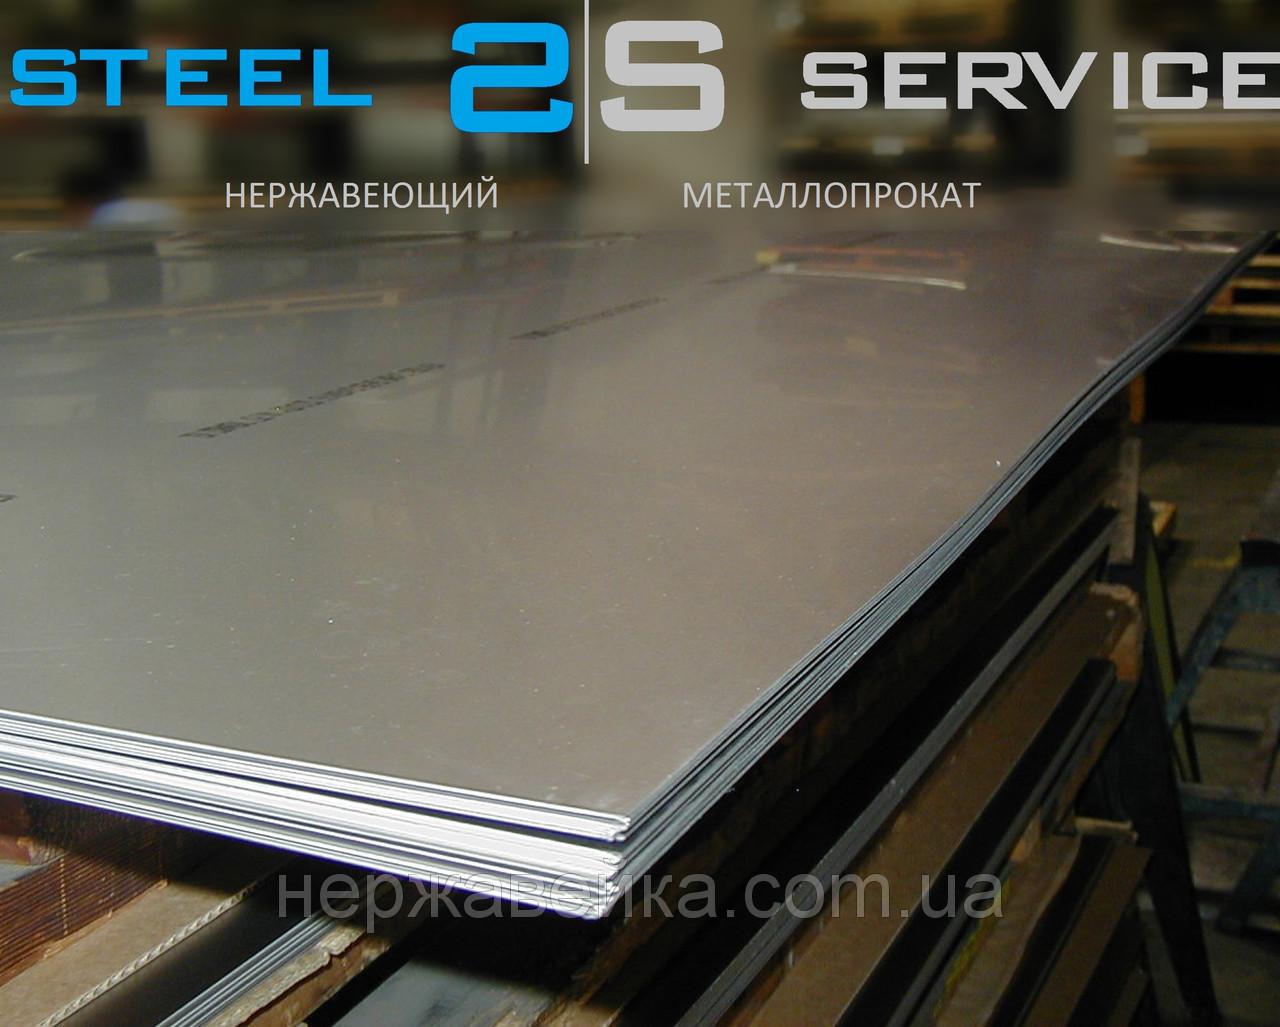 Нержавеющий лист 3х1500х3000мм AISI 410S(08Х13) F1 - горячекатанный, технический